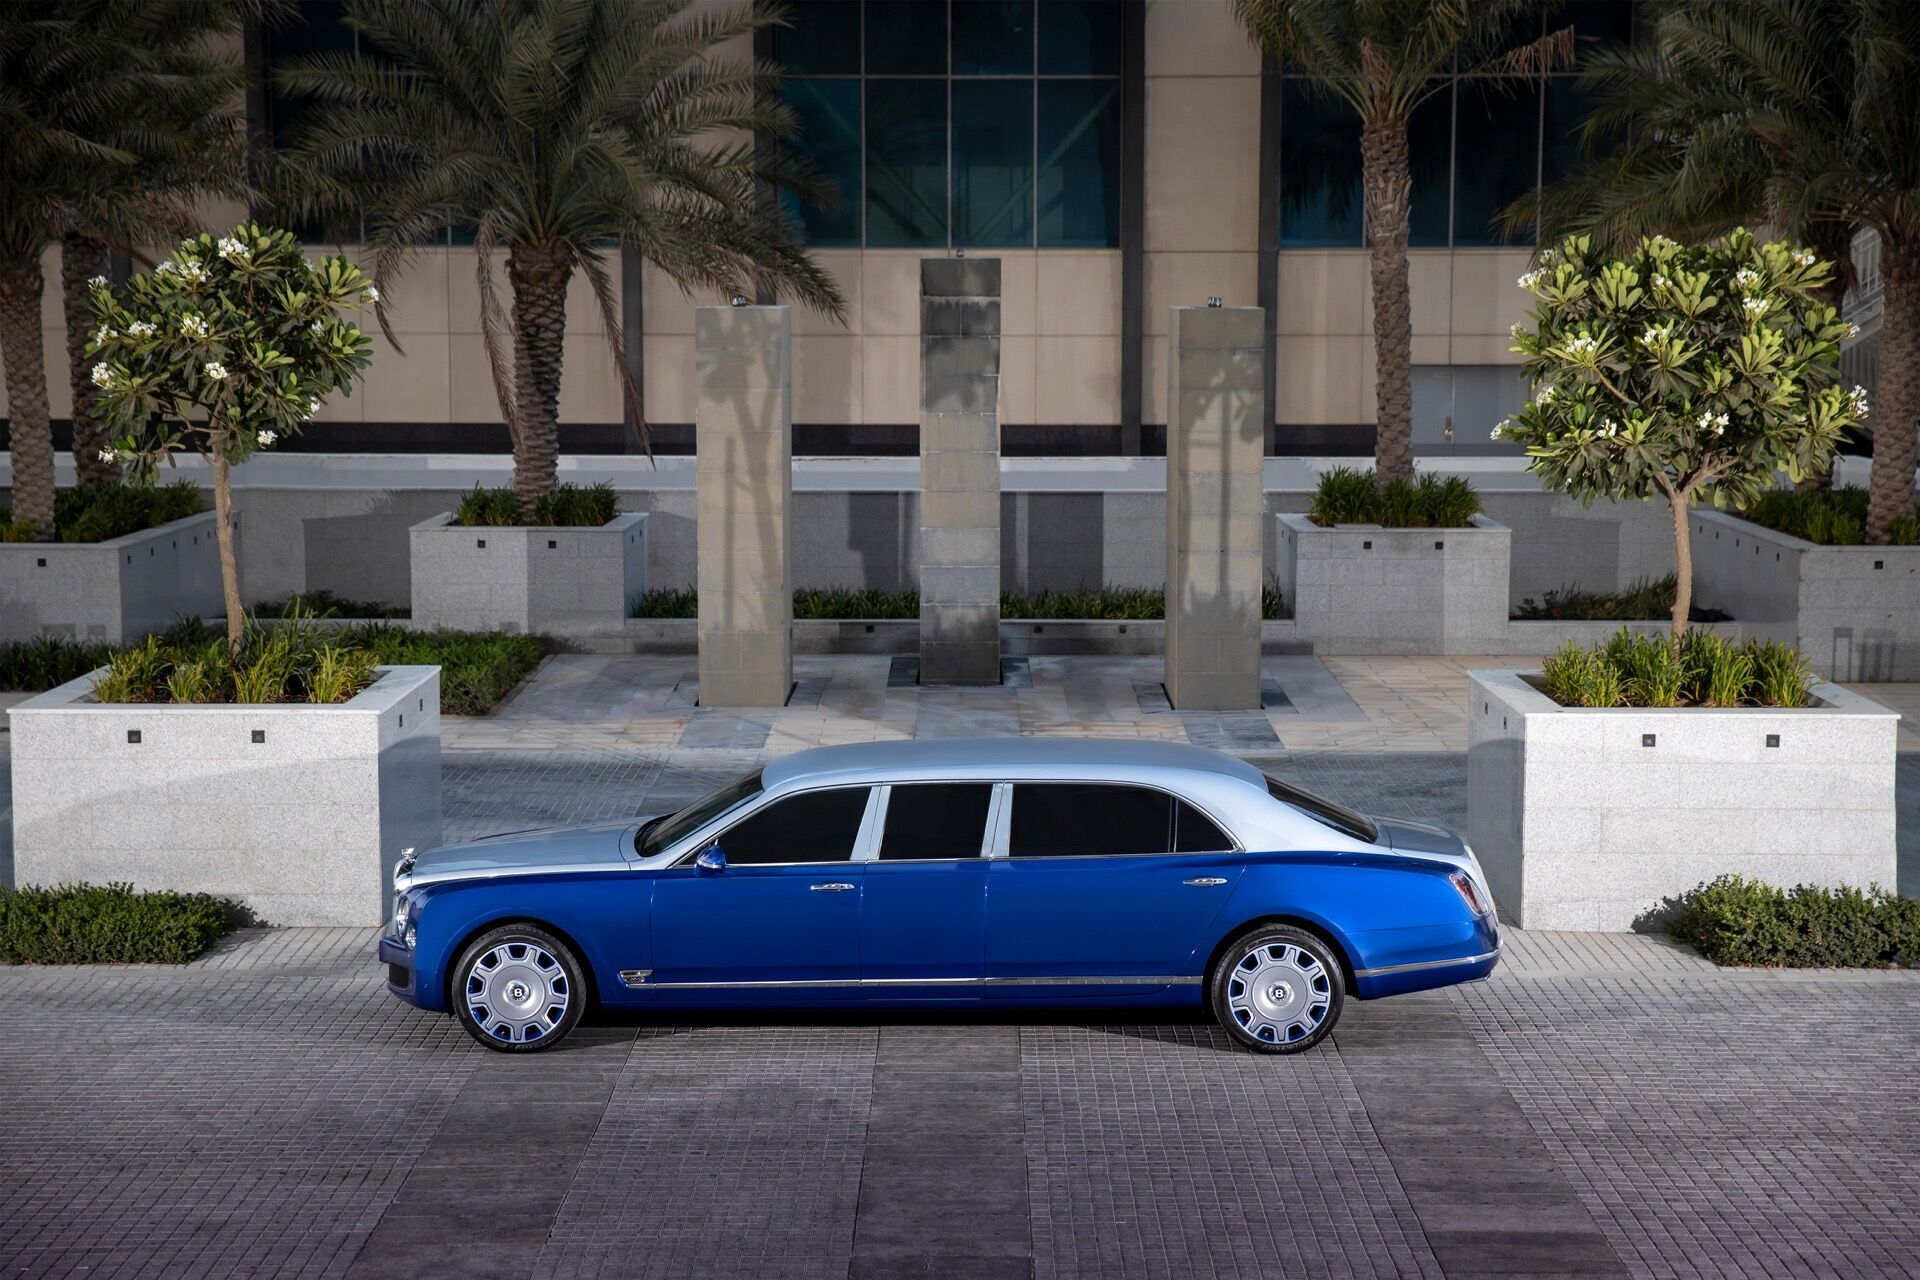 От обычного Mulsanne версия Grand Limousine отличается увеличенной на 1000 мм длиной и на 79 мм высотой